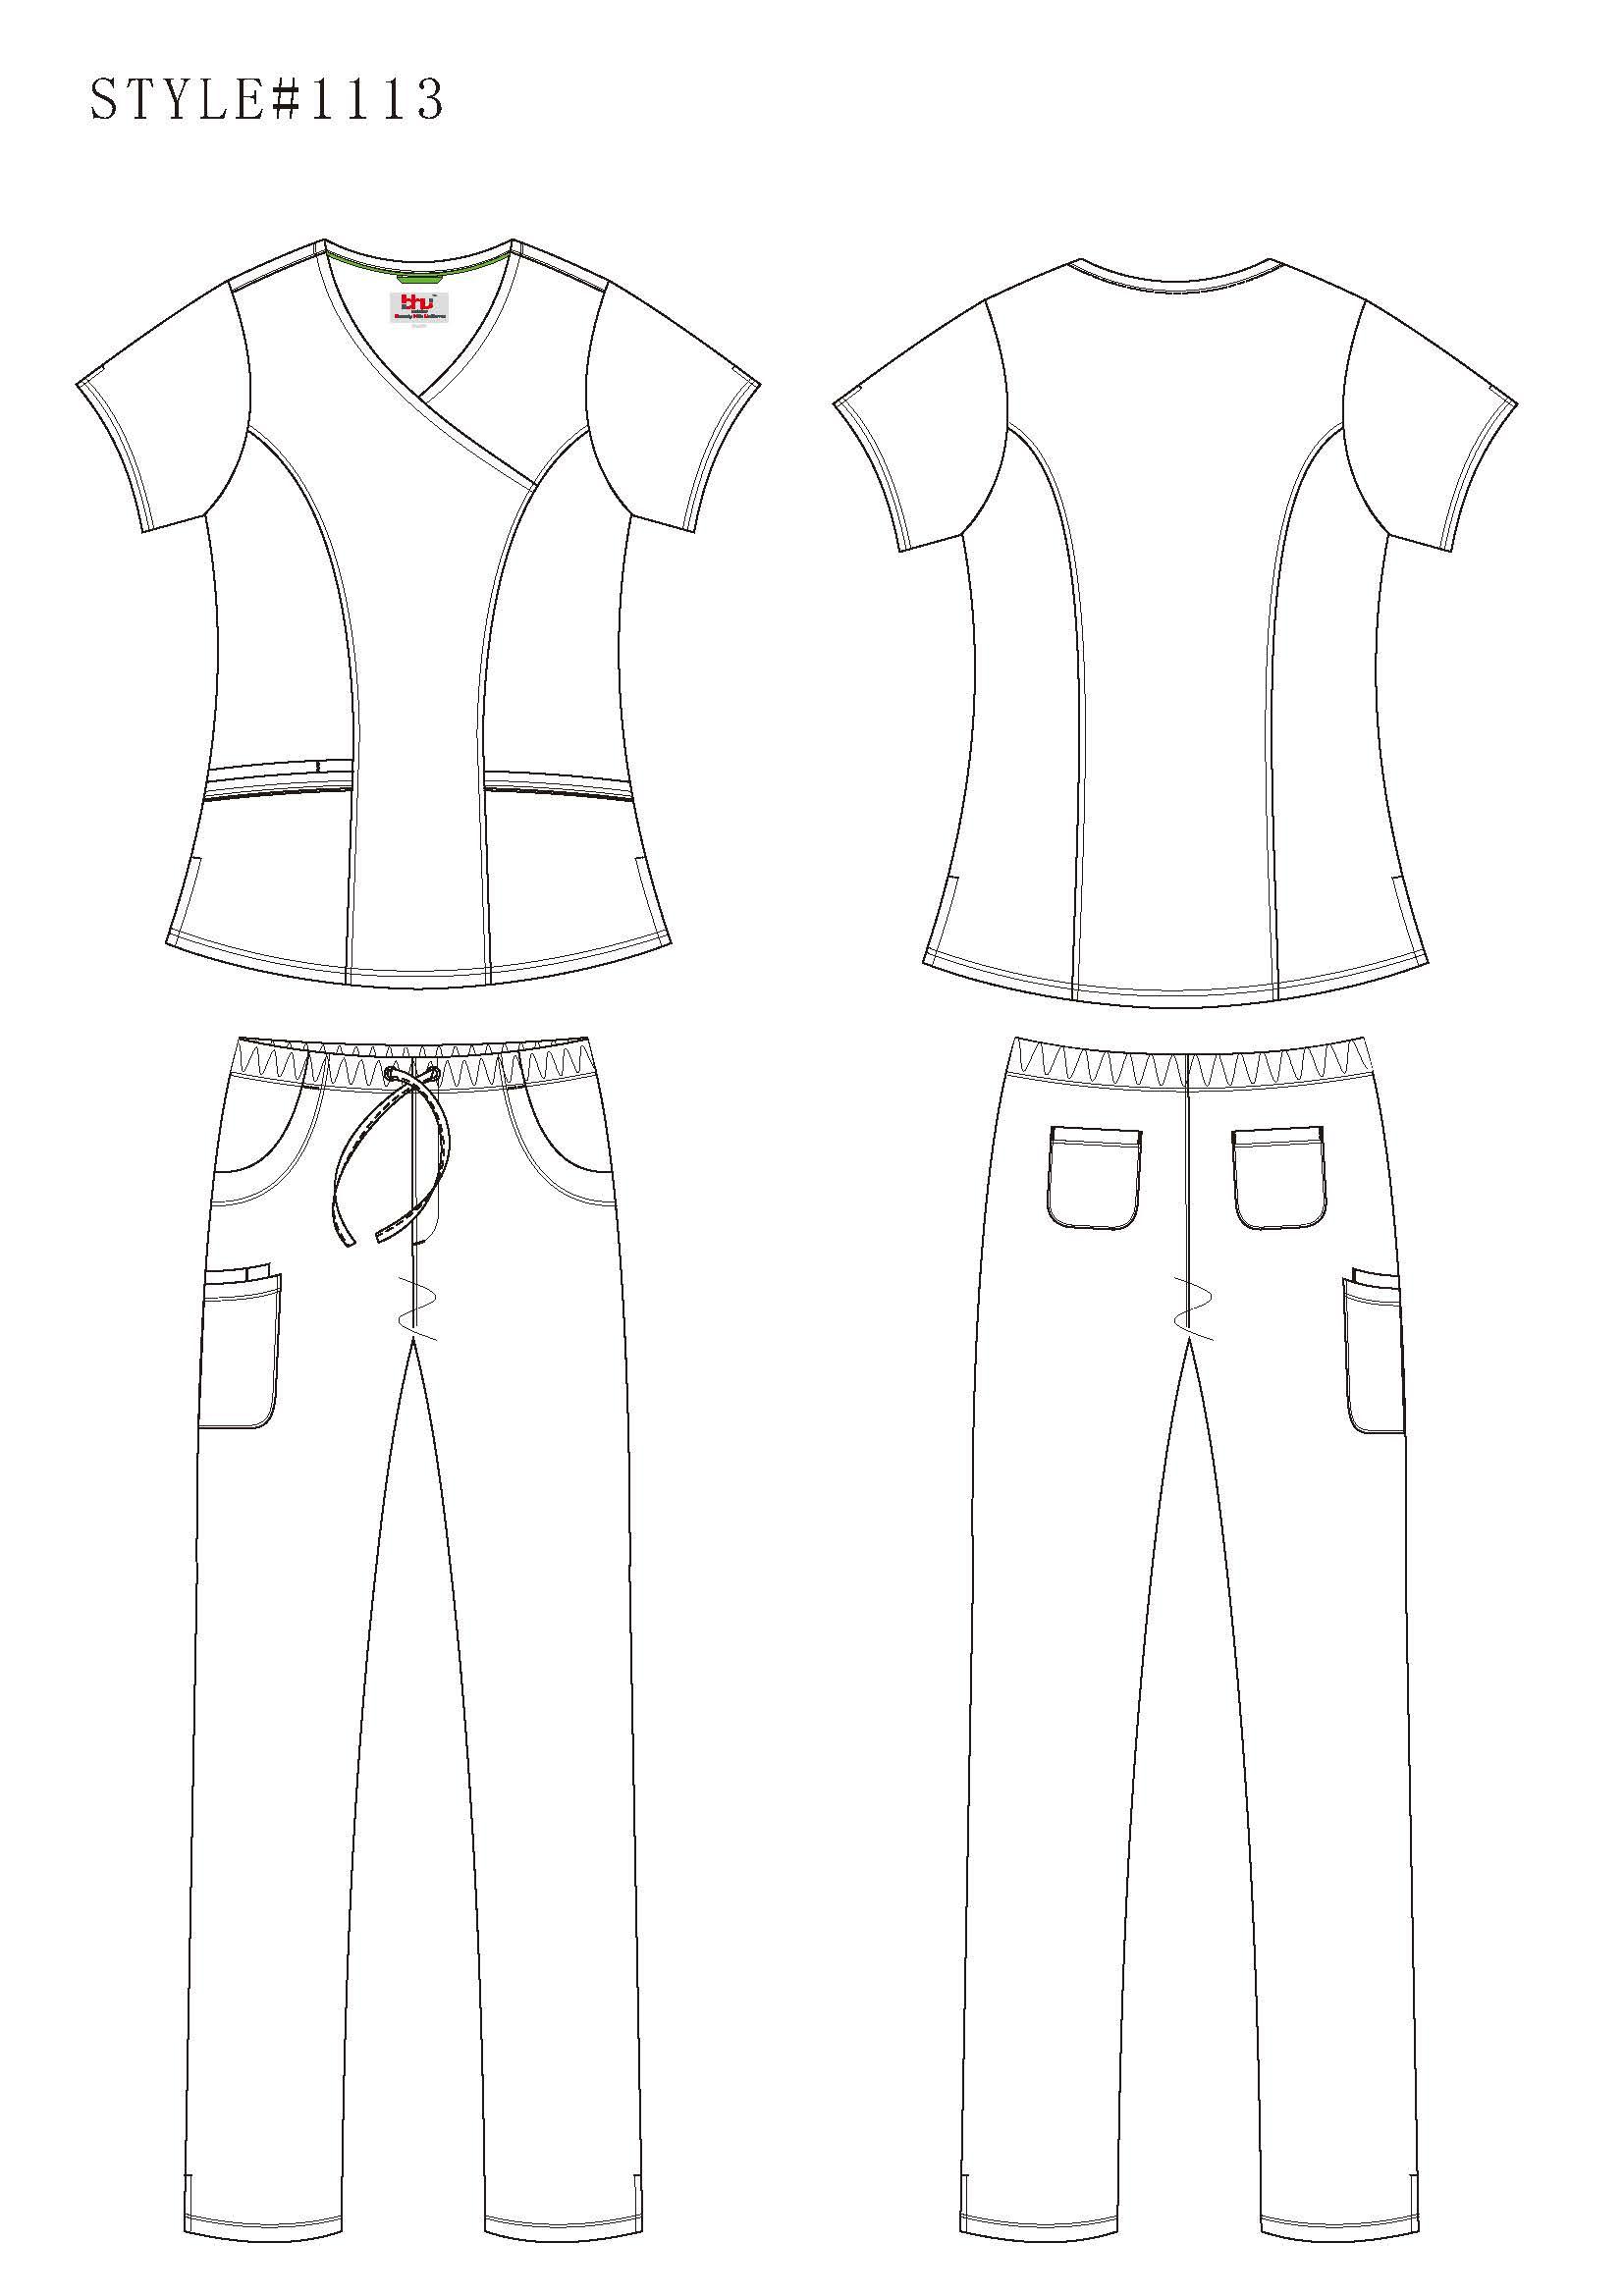 1113 sketch